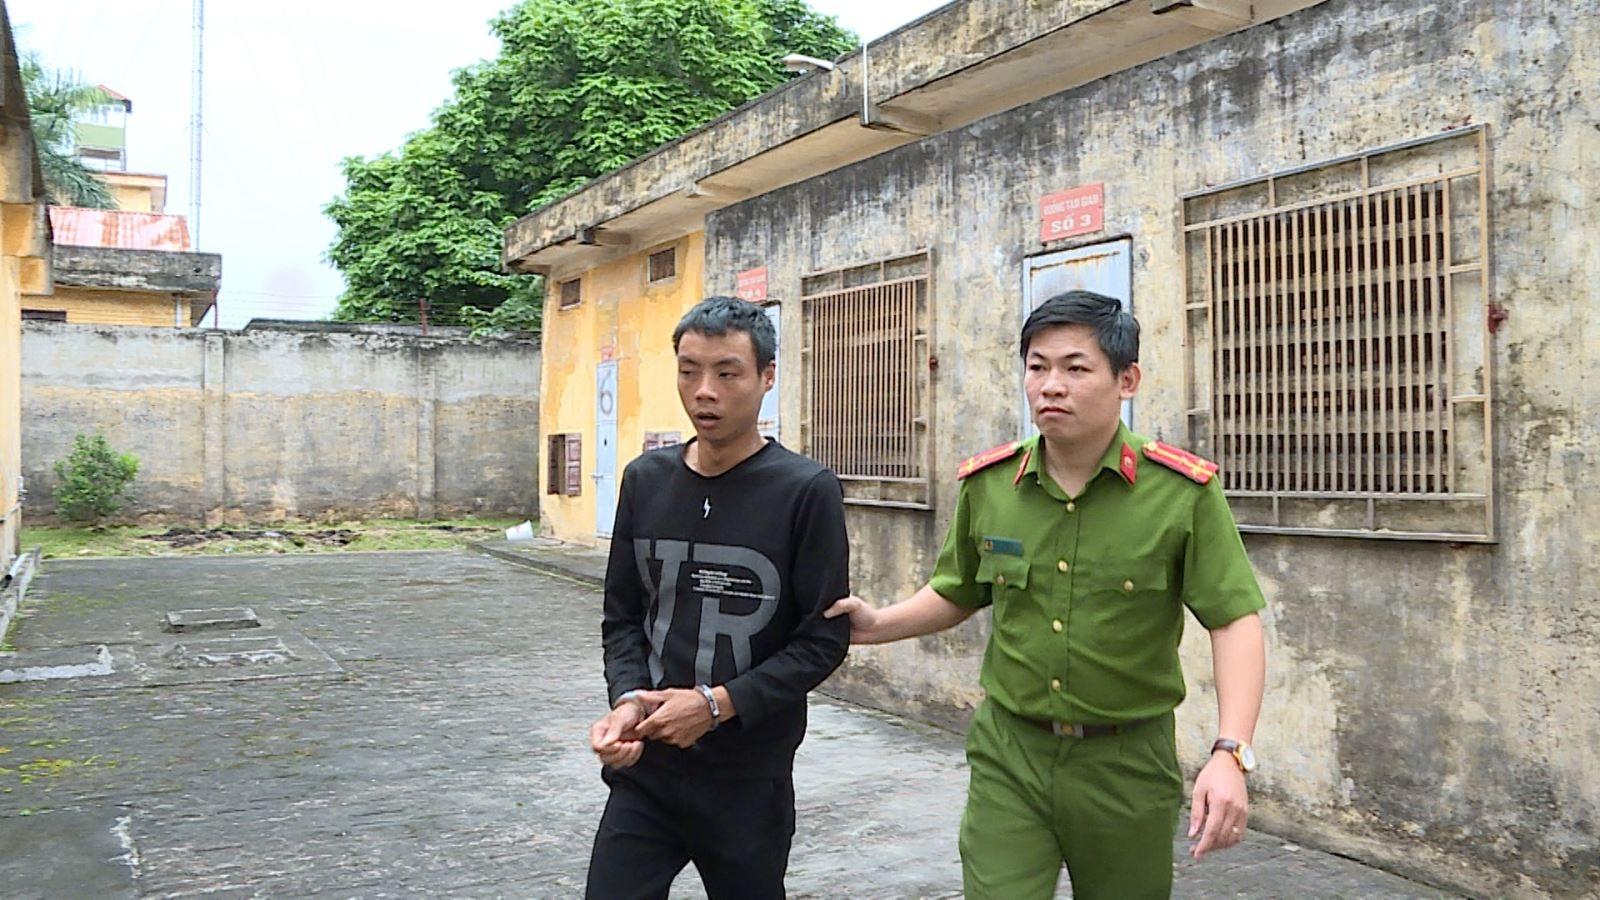 Khởi tố đối tượng lấy trộm hơn 770 triệu đồng tại hiệu vàng ở Hưng Yên